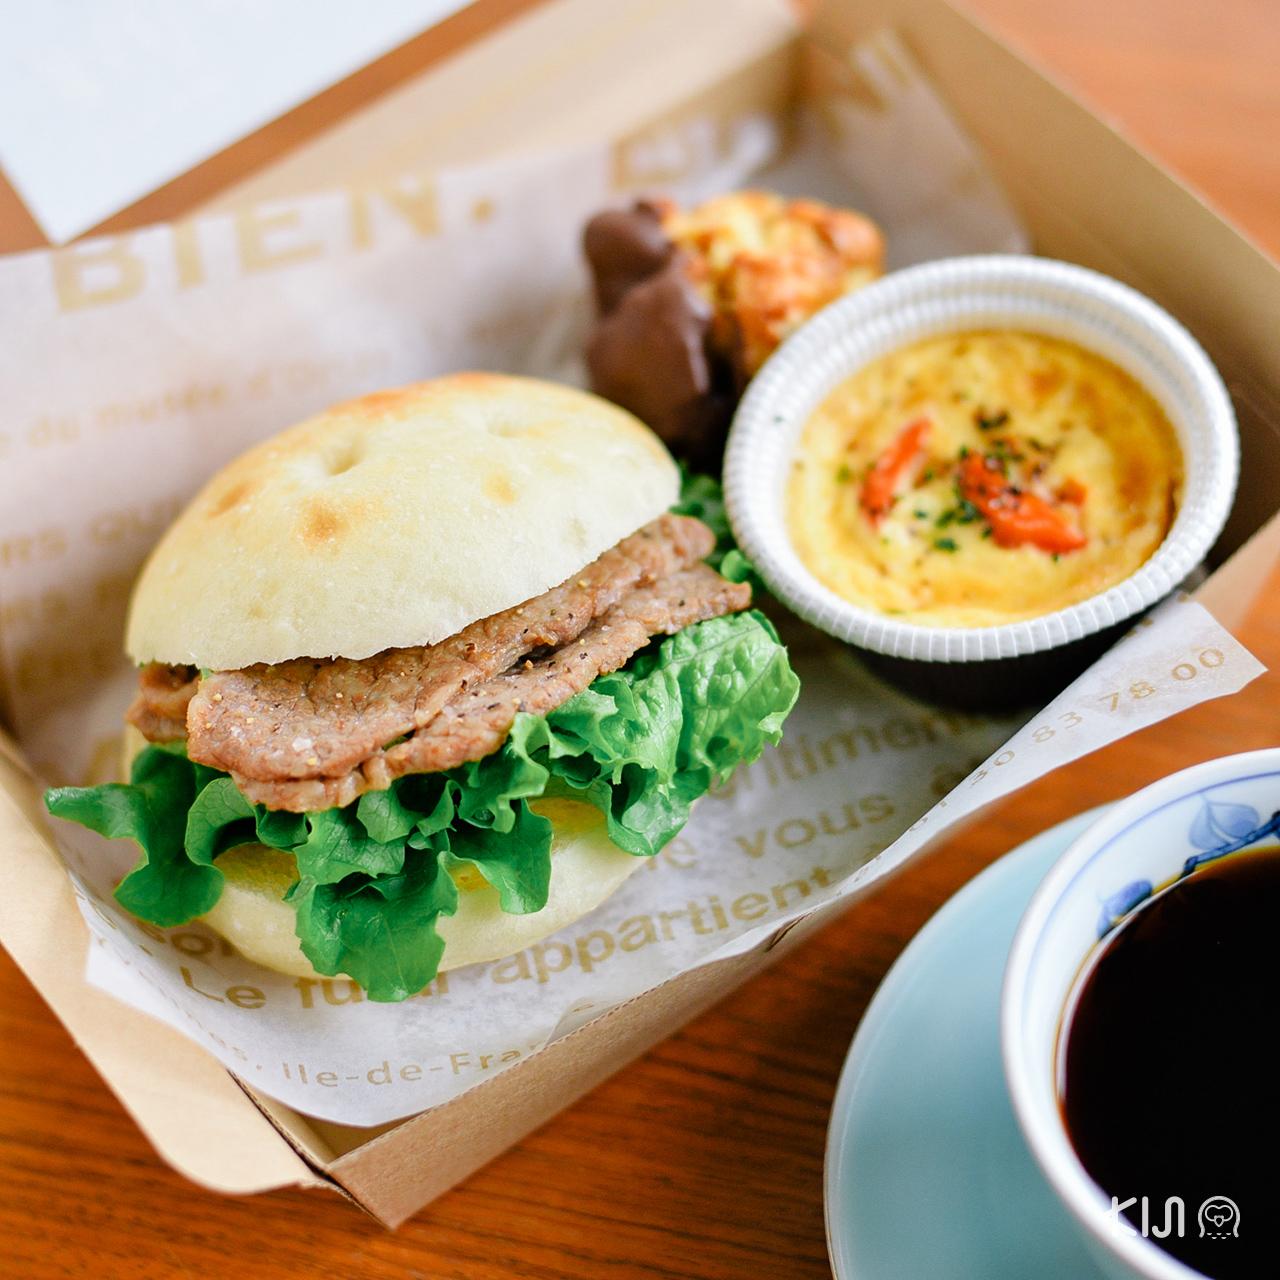 Komorebi Café